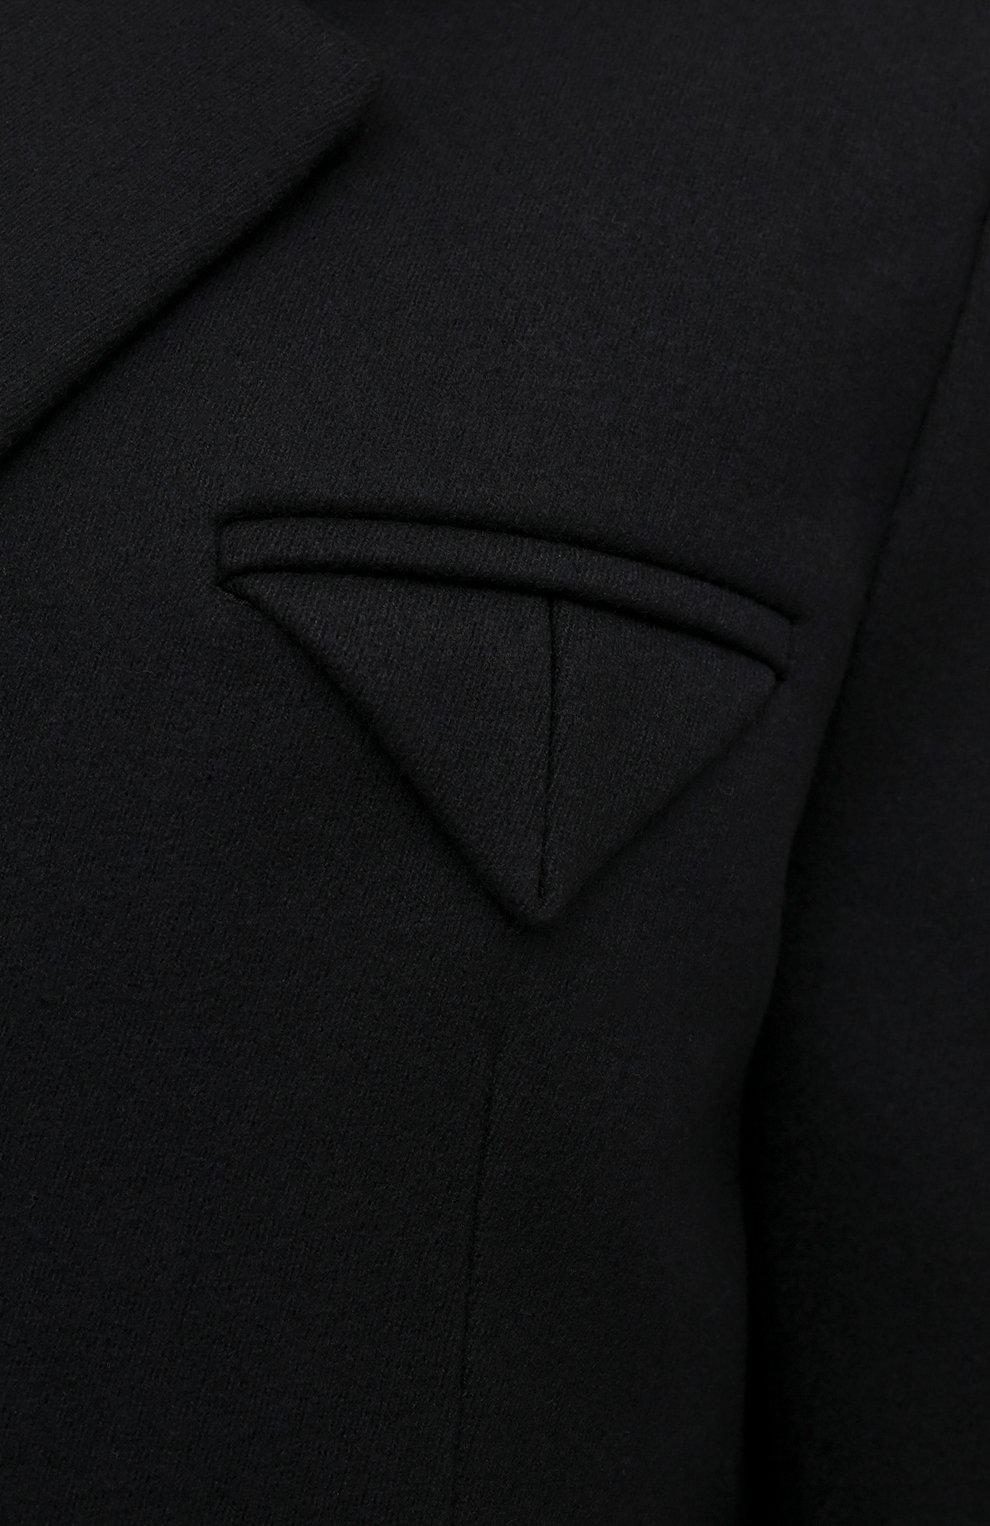 Мужской шерстяное пальто BOTTEGA VENETA черного цвета, арт. 659597/VKUU0 | Фото 5 (Материал внешний: Шерсть; Рукава: Длинные; Длина (верхняя одежда): До середины бедра; Стили: Классический, Минимализм; Материал подклада: Вискоза; Мужское Кросс-КТ: пальто-верхняя одежда)